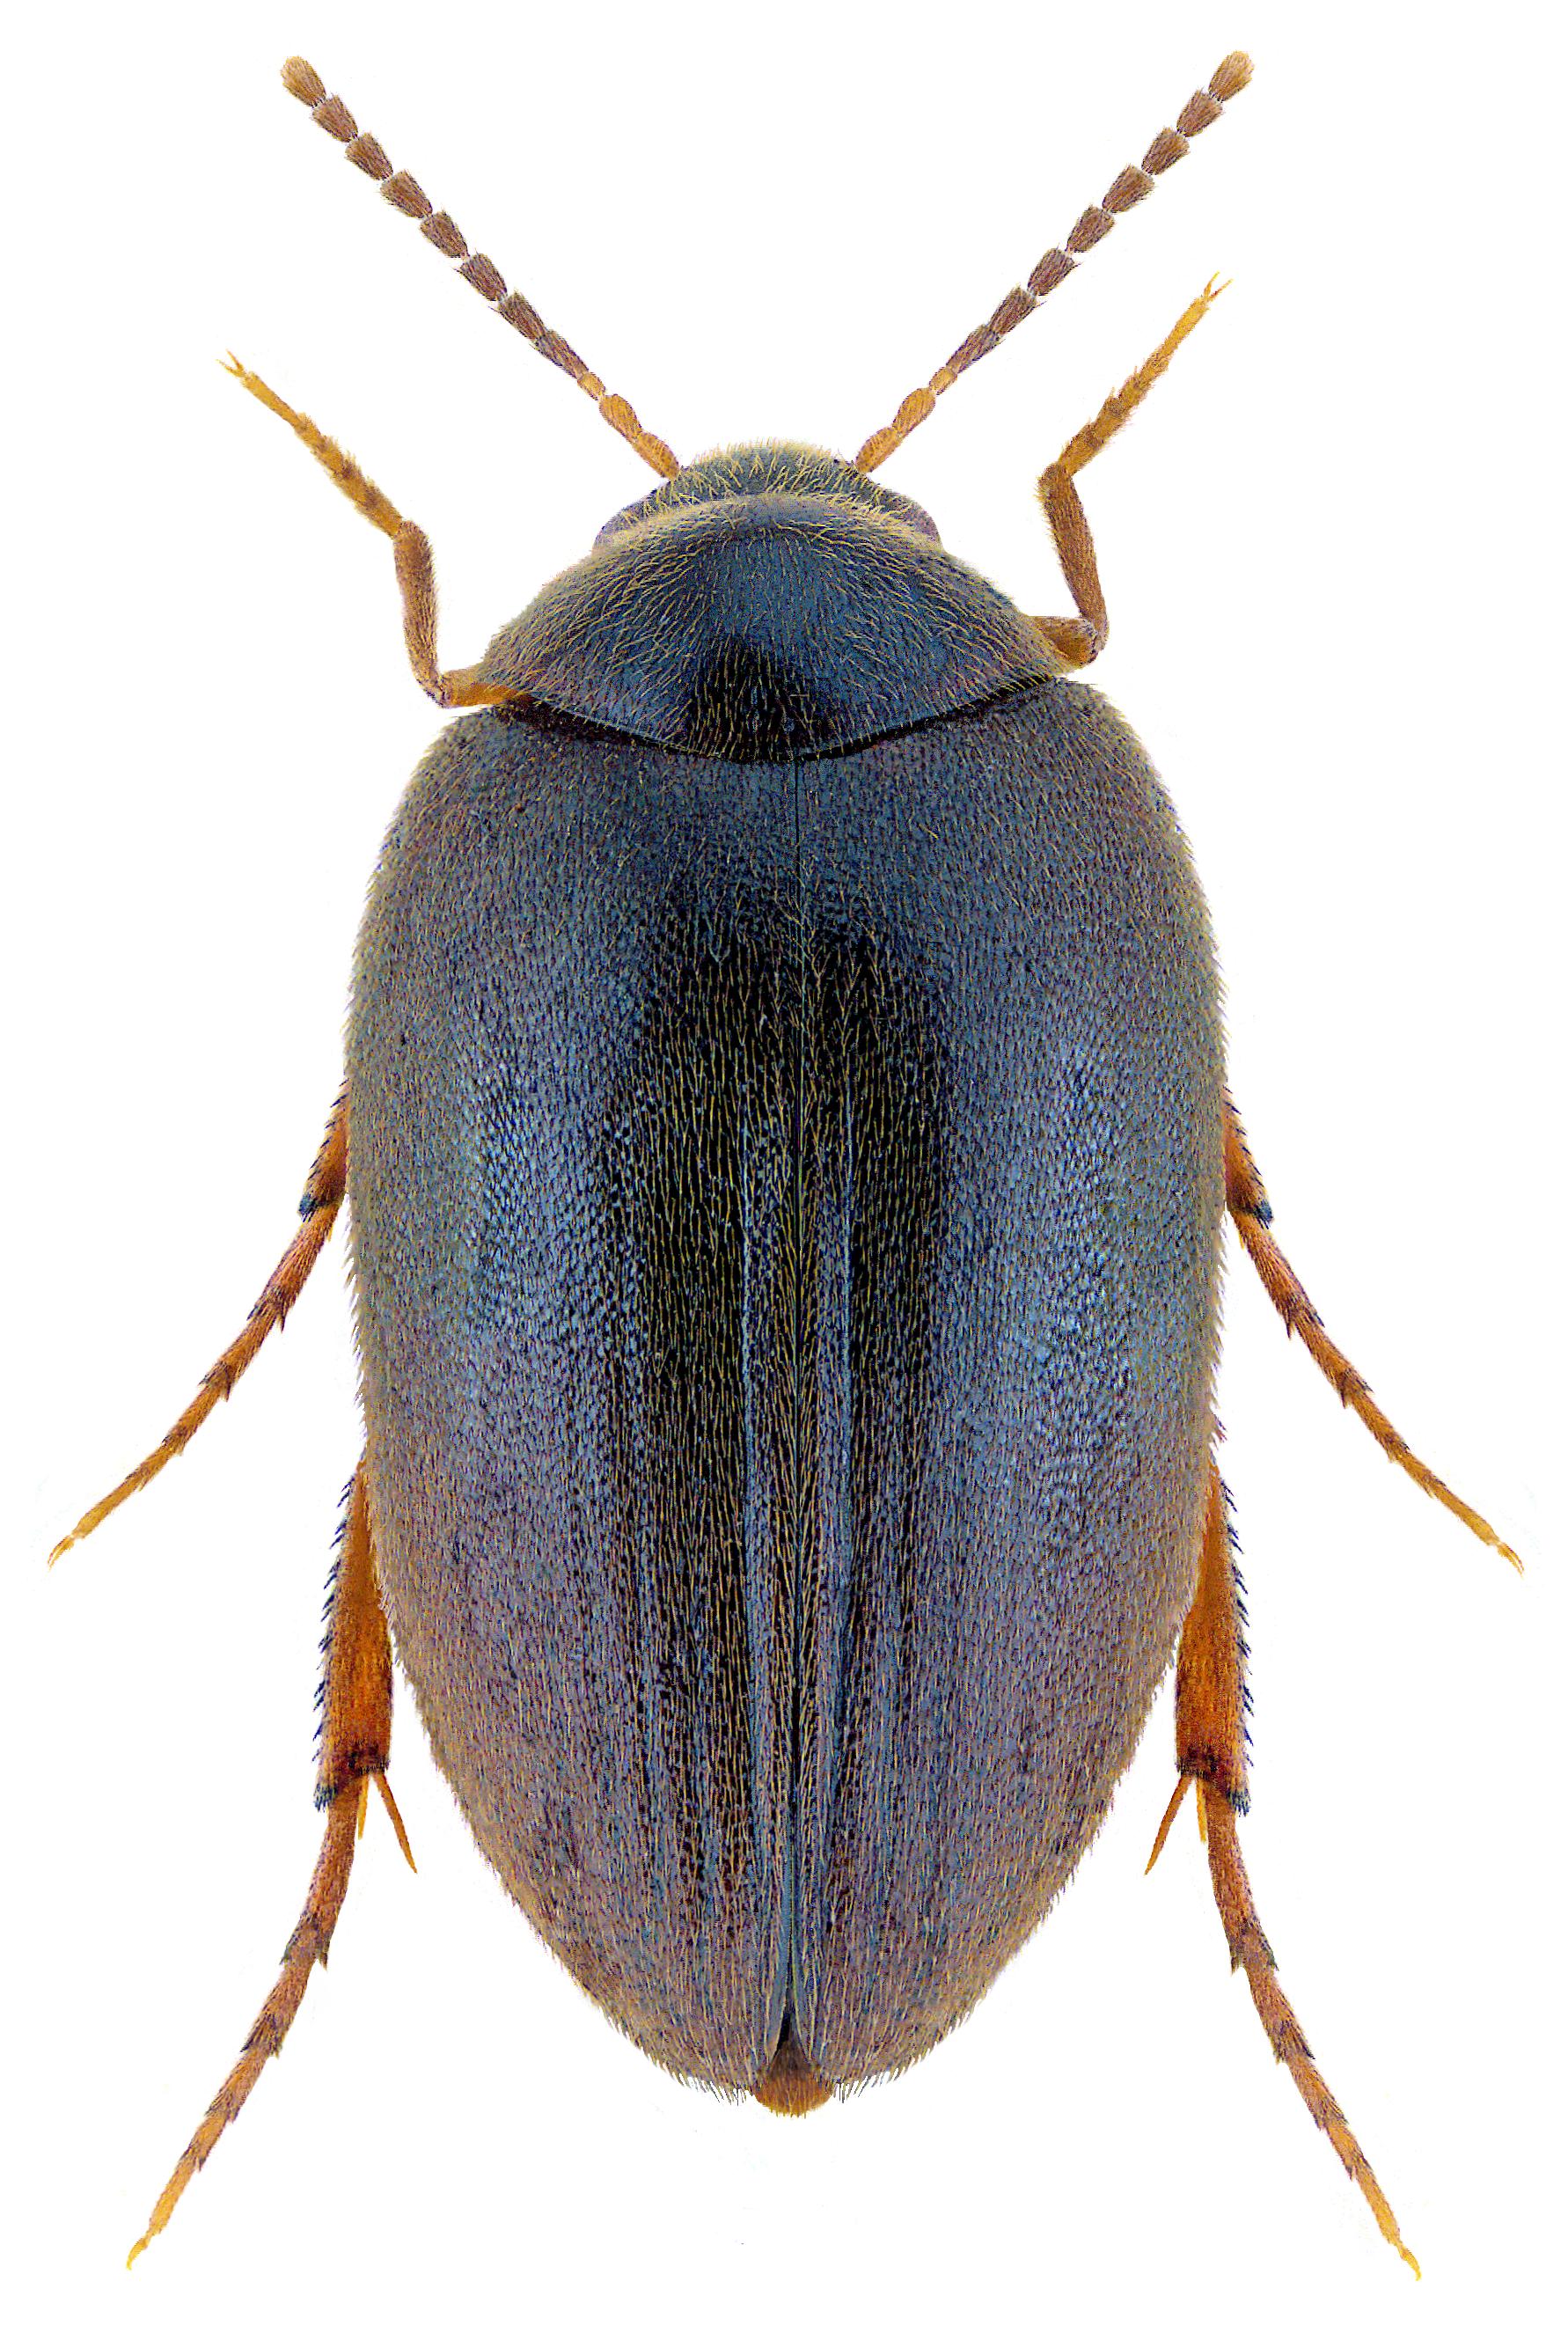 Eucinetus meridionalis